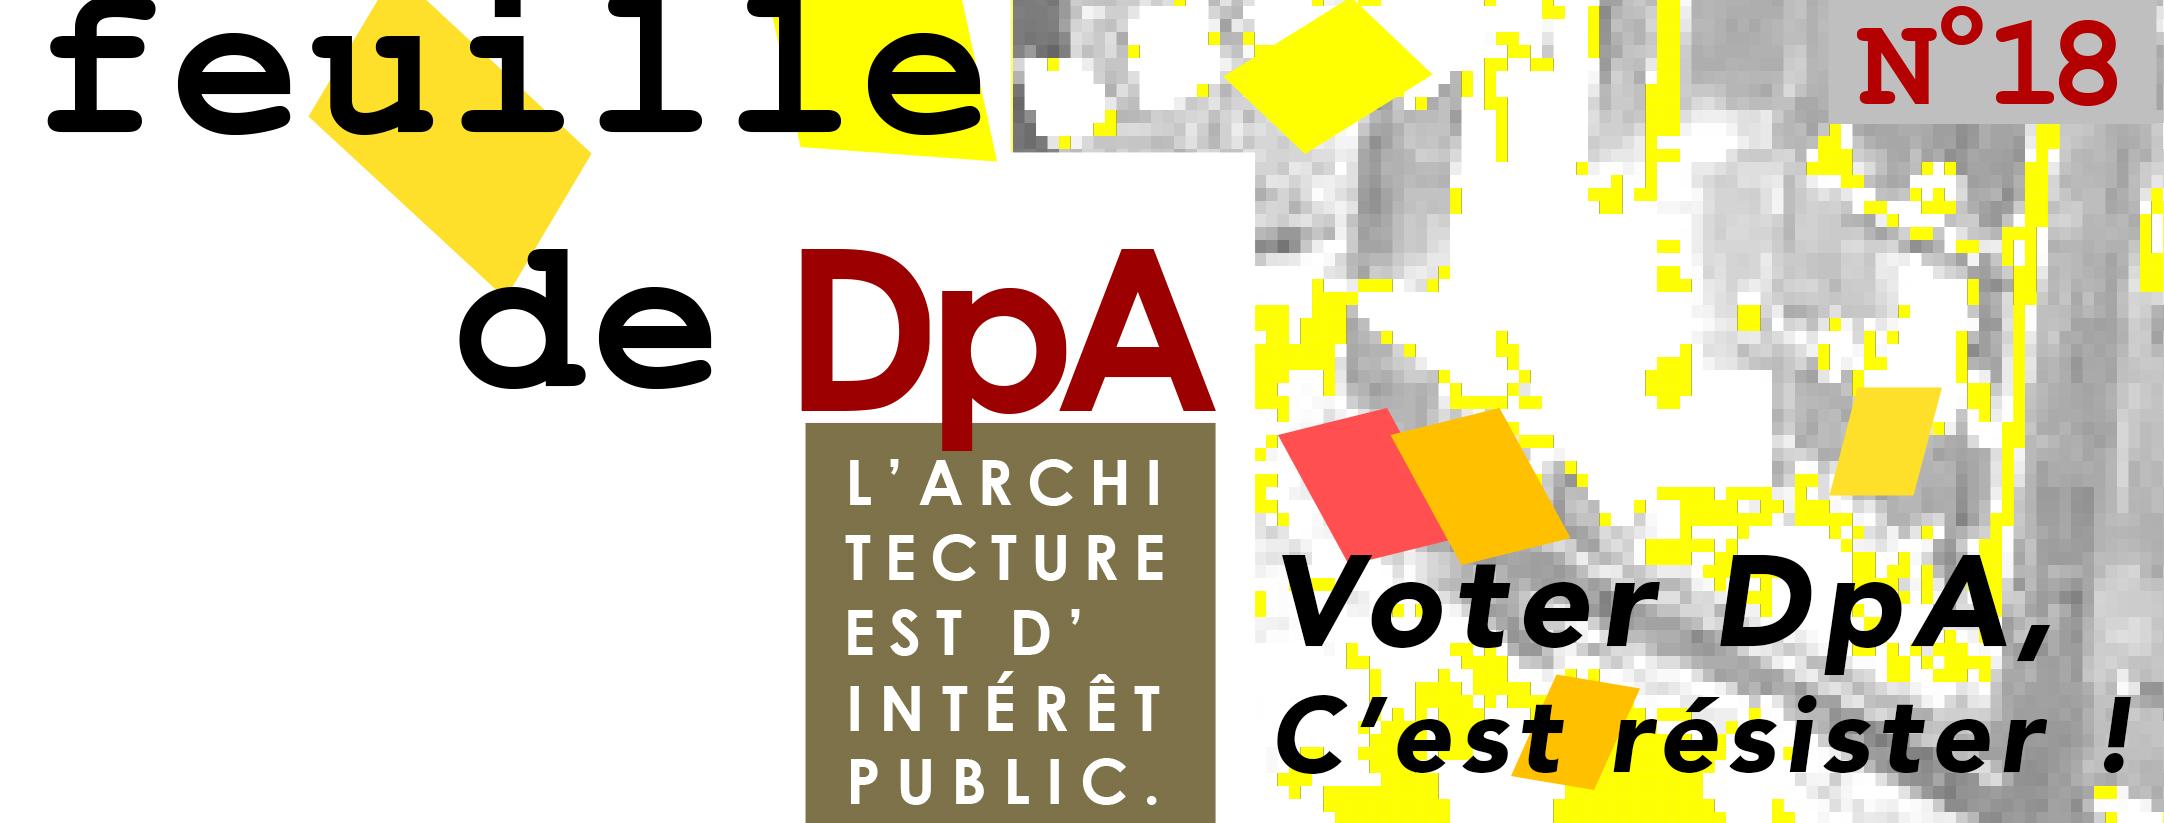 Bandeau Feuille #18 - Voter DpA, c'est résister !